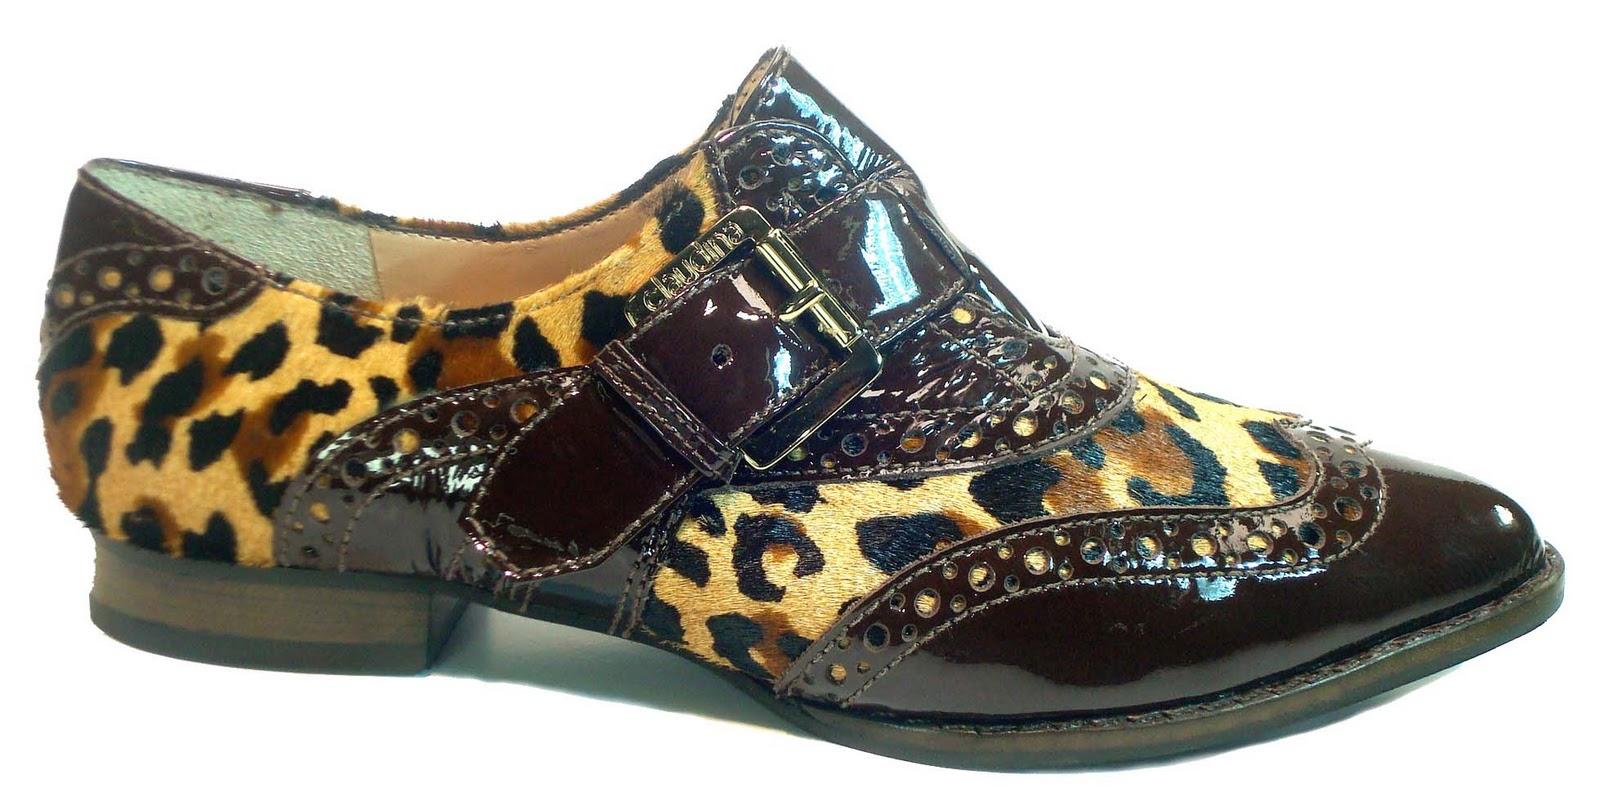 952609ca7 Inverno 2011 Claudina: Oxford shoes em linha bastante feminina. Fotos:  Divulgação